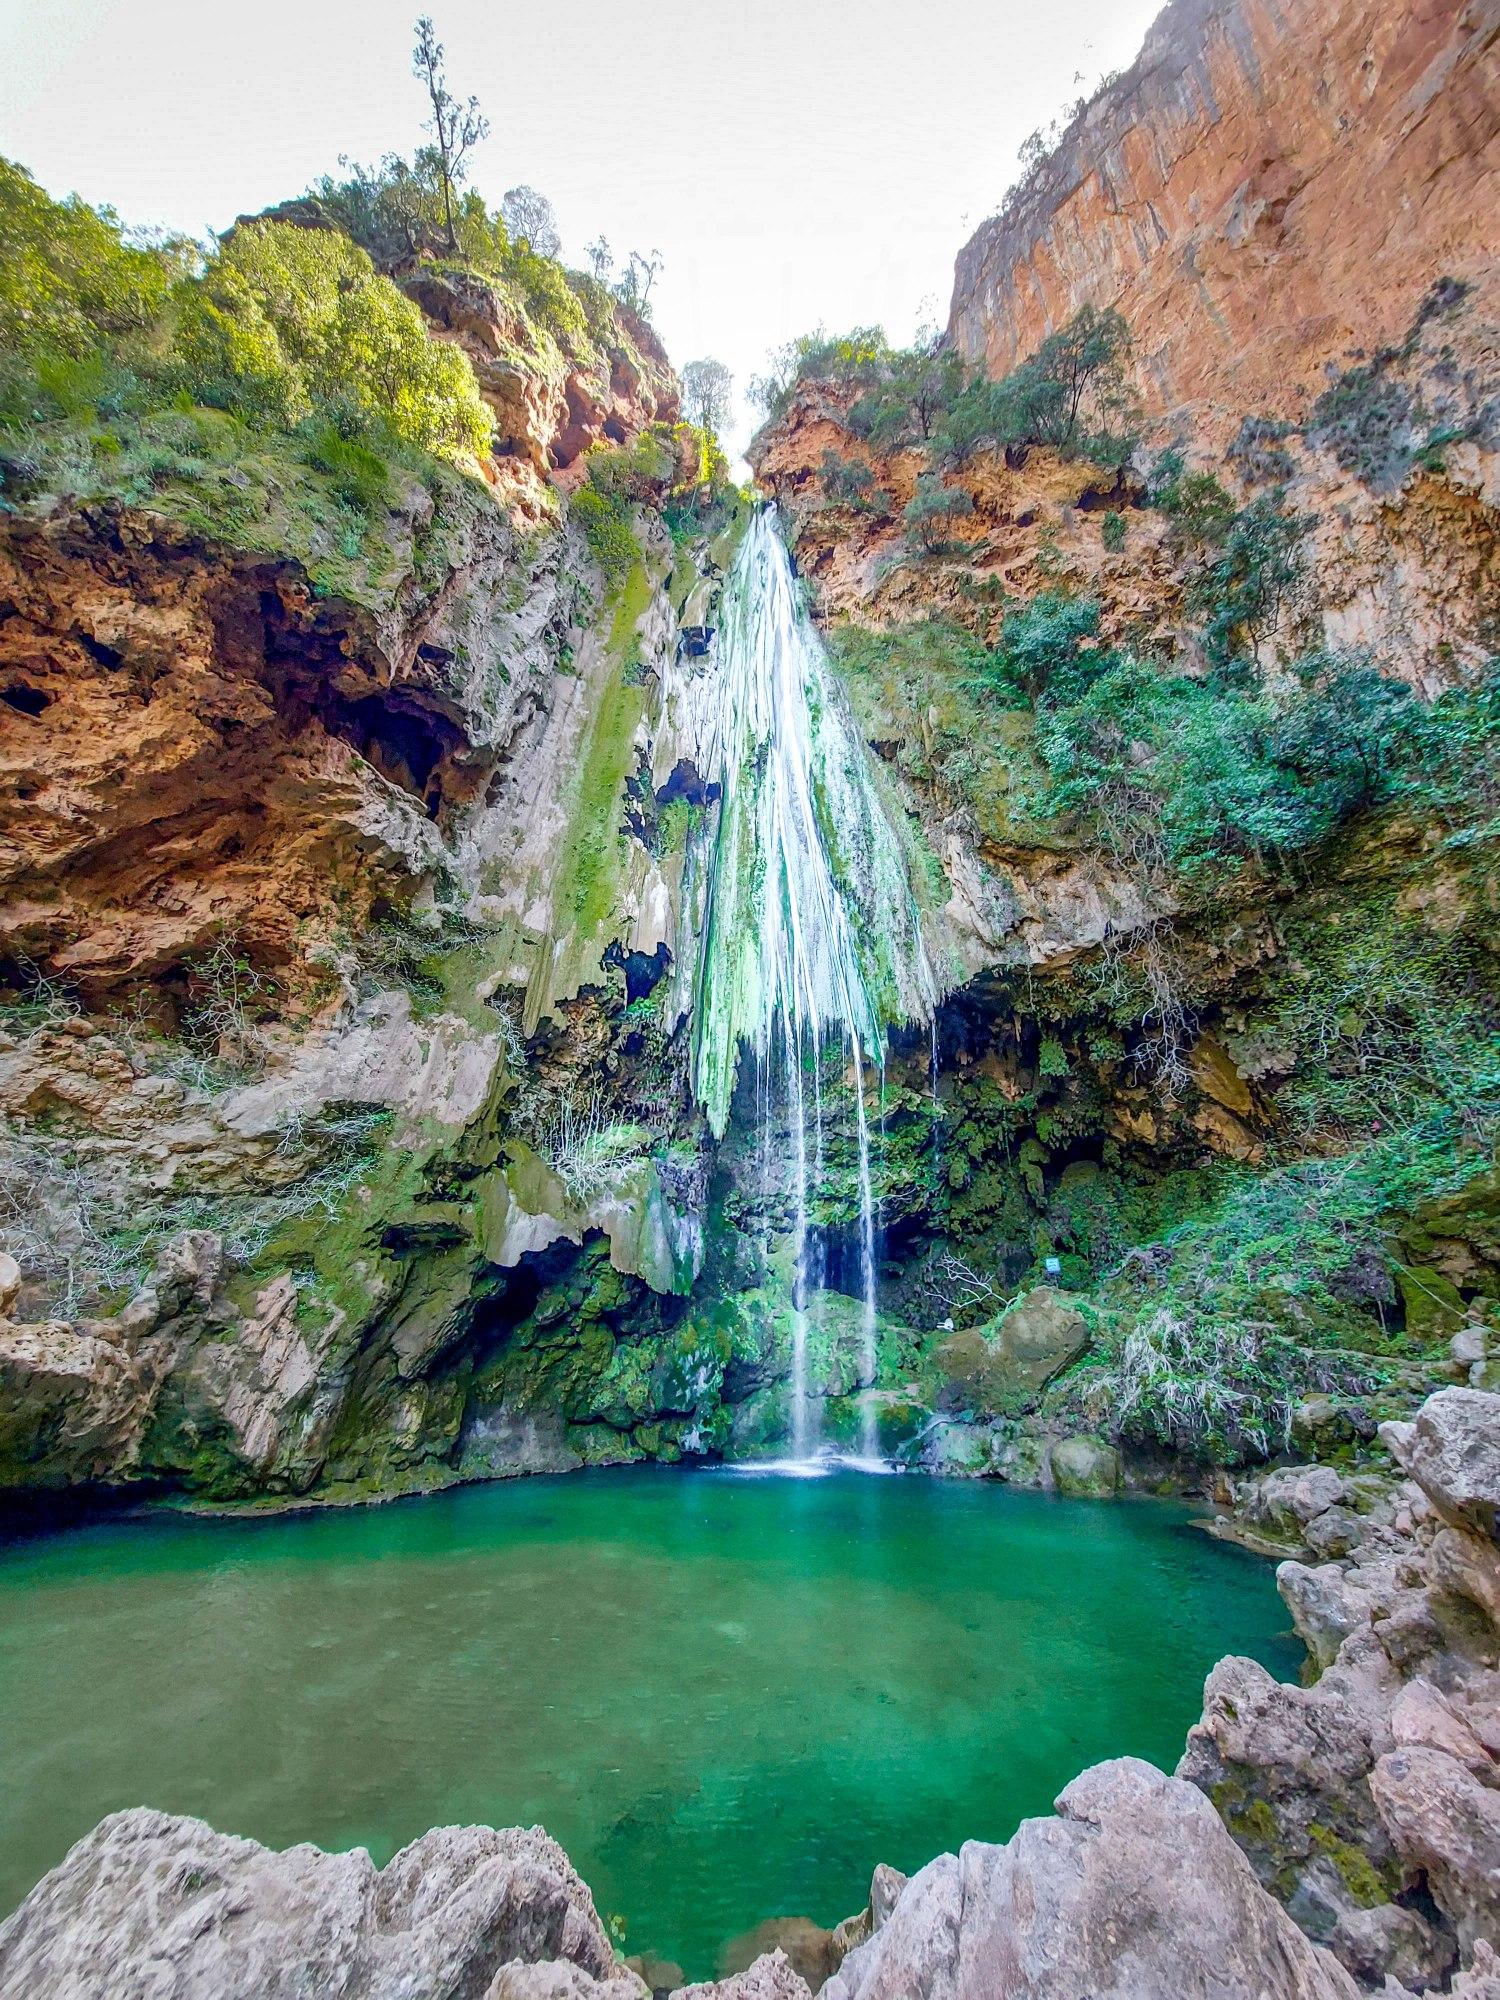 La cascade haute d'Akchour au Maroc